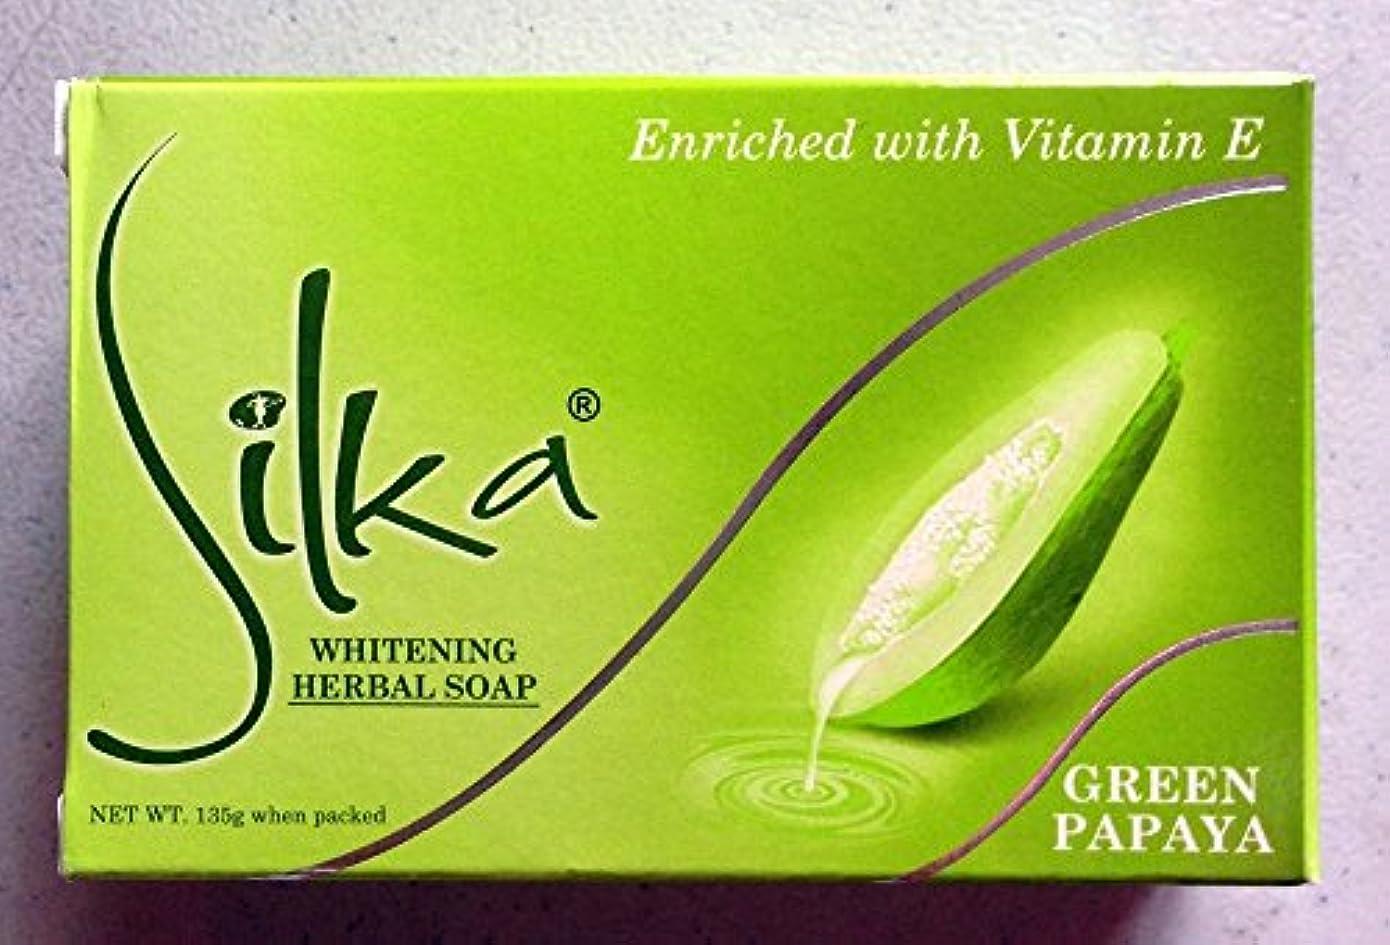 返還不健全補正シルカ グリーン パパイヤソープ 135g Silka green papaya soap